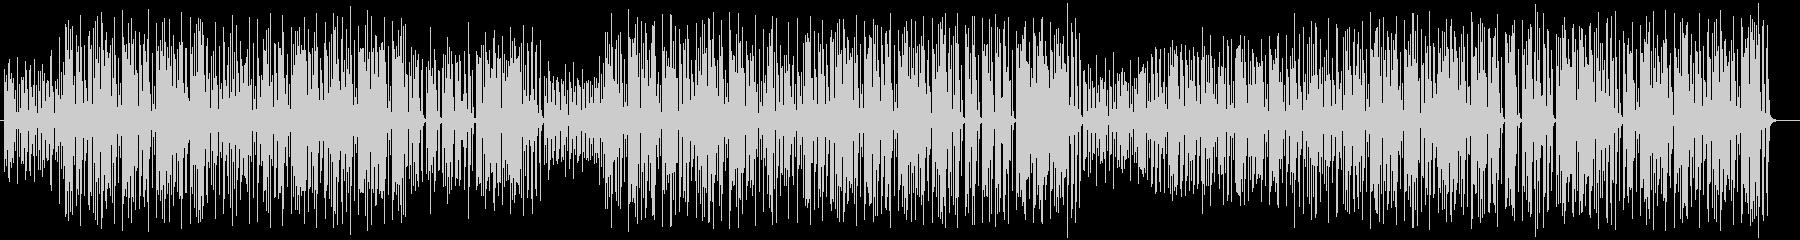 ほのぼのしたストーリーのミュージックの未再生の波形